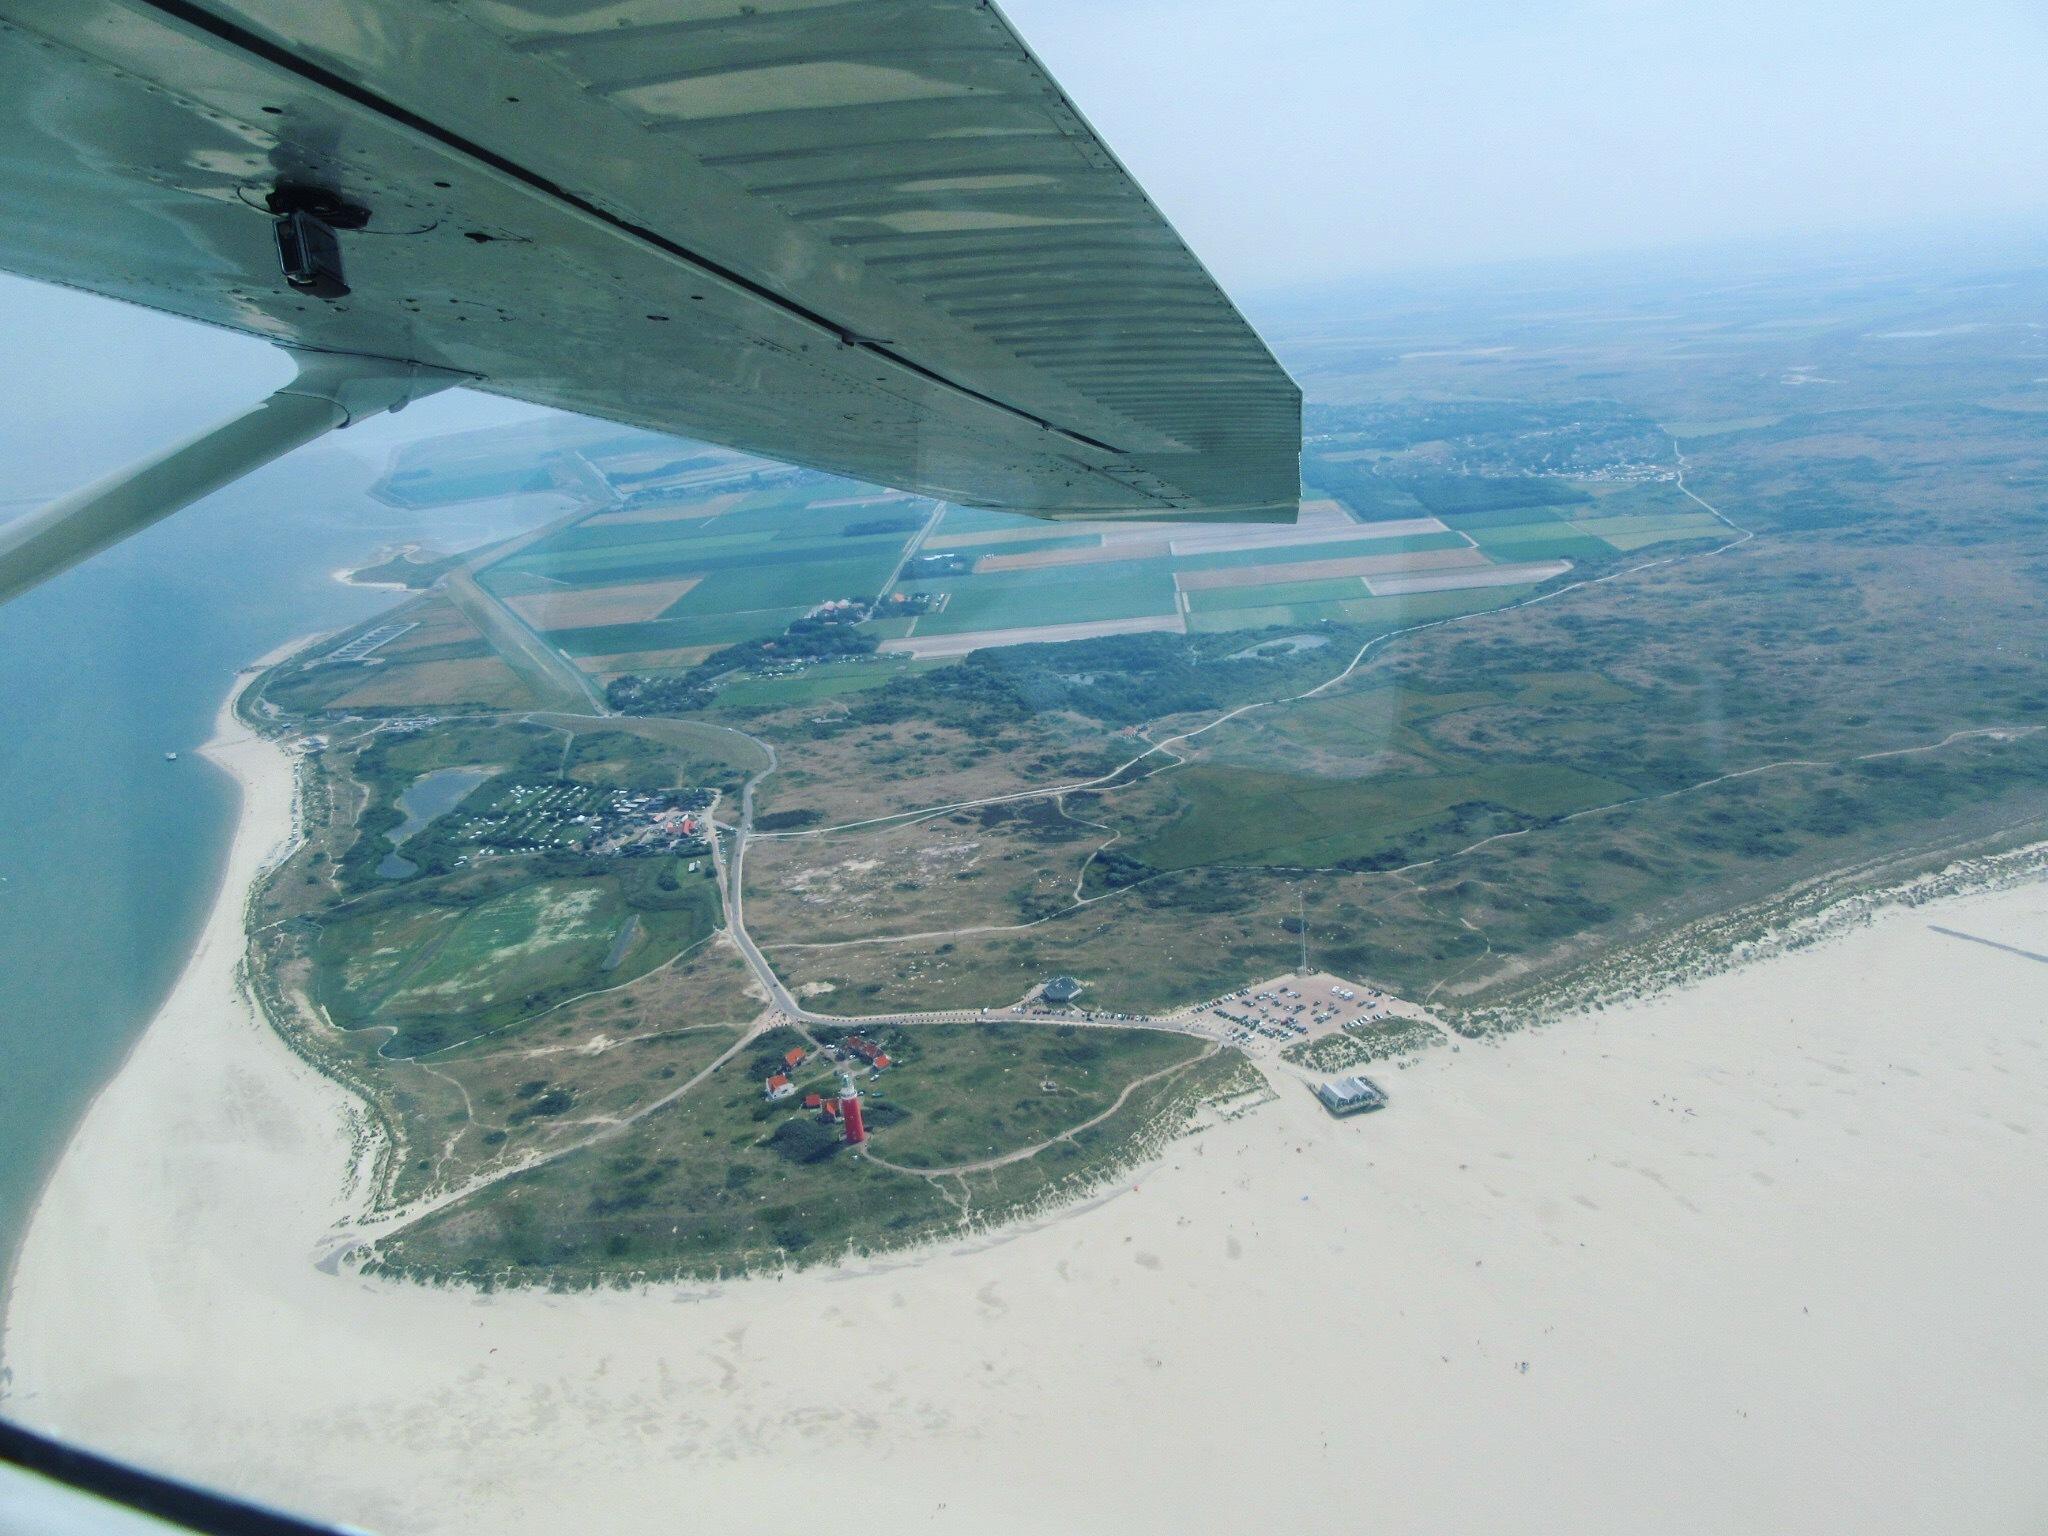 Rondvlucht boven texel VVV Texel fotograaf Rosanne den Boer